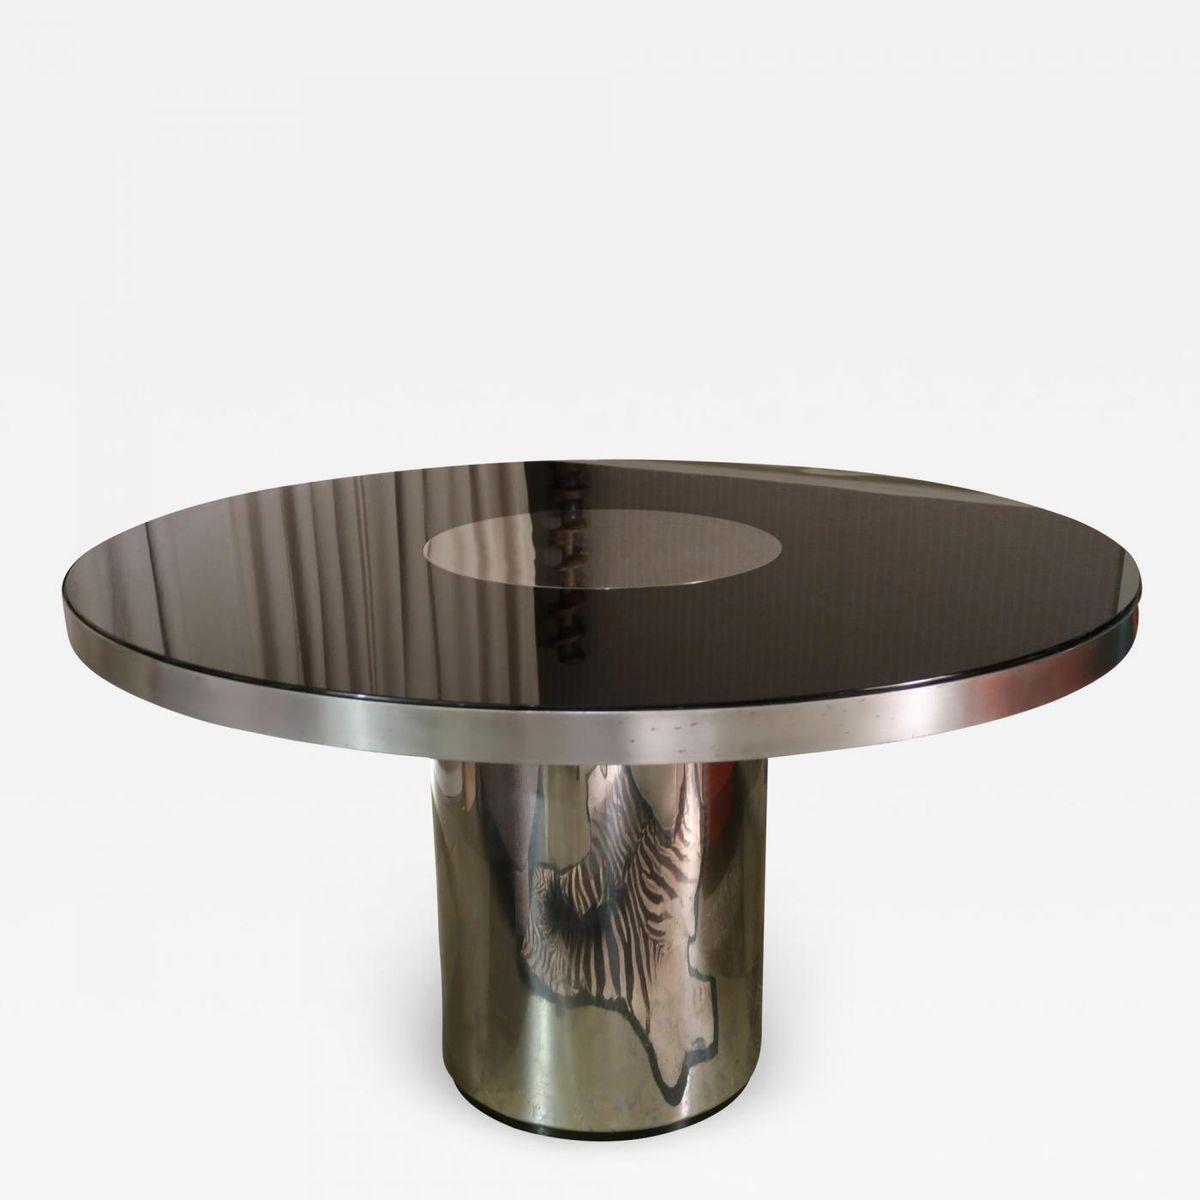 Runder Tisch Holz Massiv Esstisch Nussbaum Massiv Kaufen